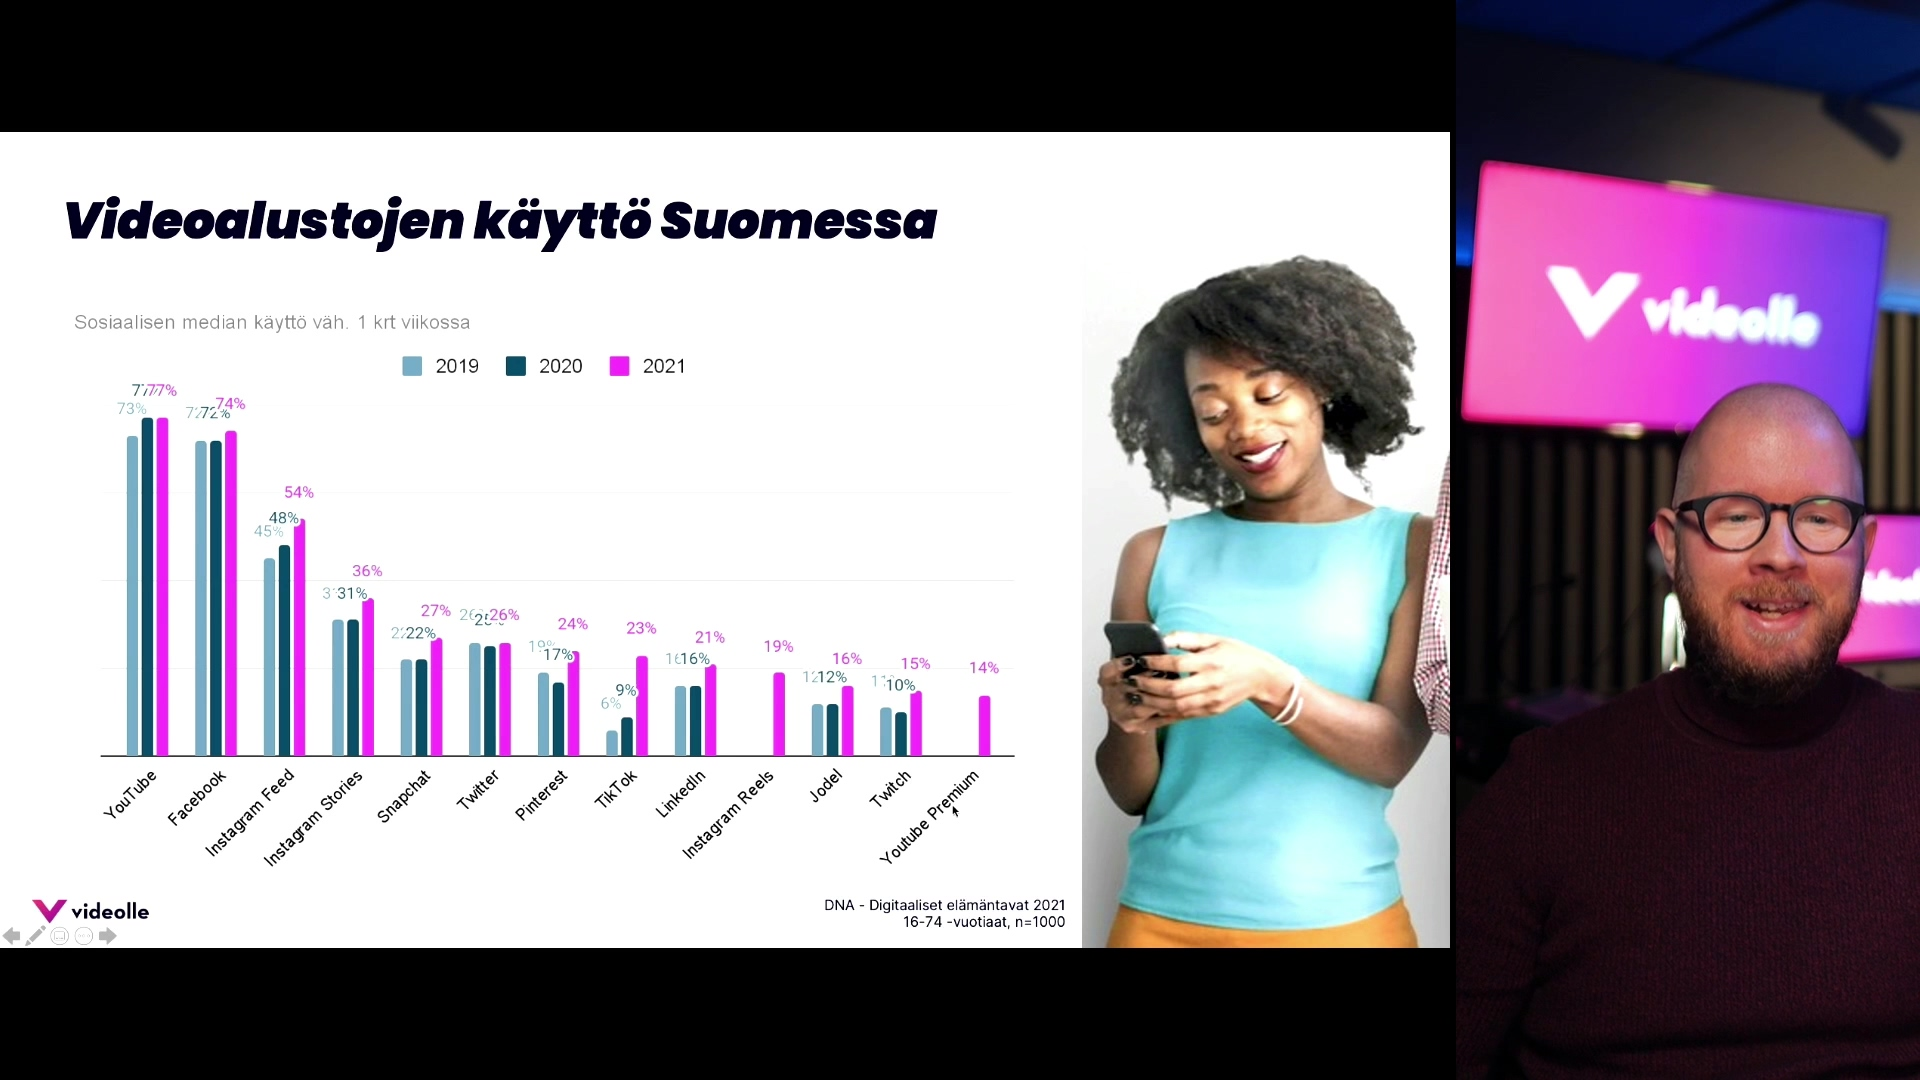 Videoalustojen käyttö Suomessa